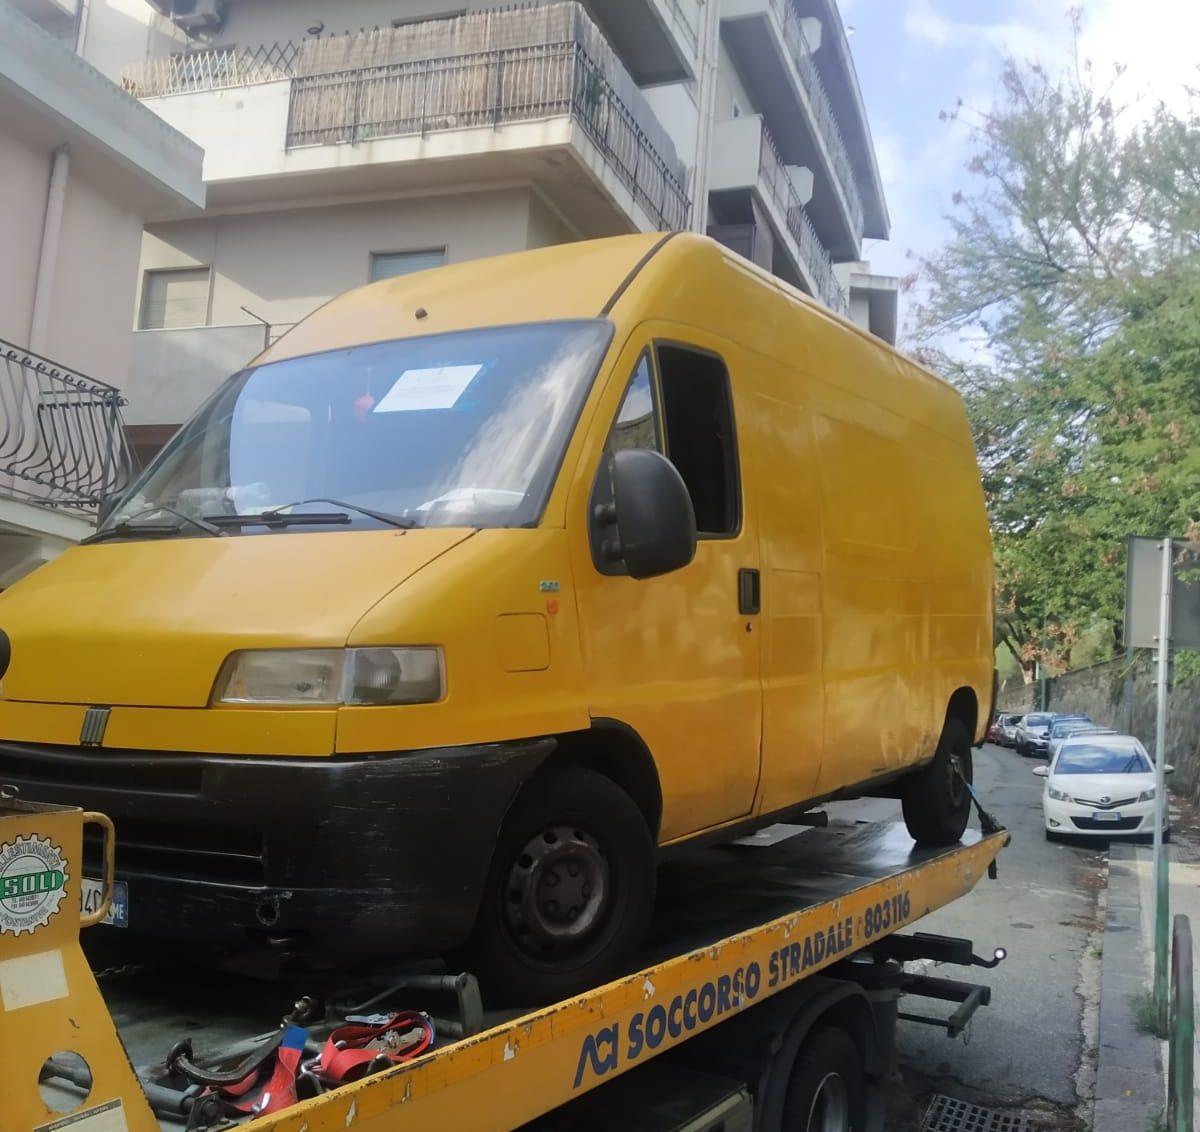 camion adibito allo smaltimento illecito di rifiuti a messina